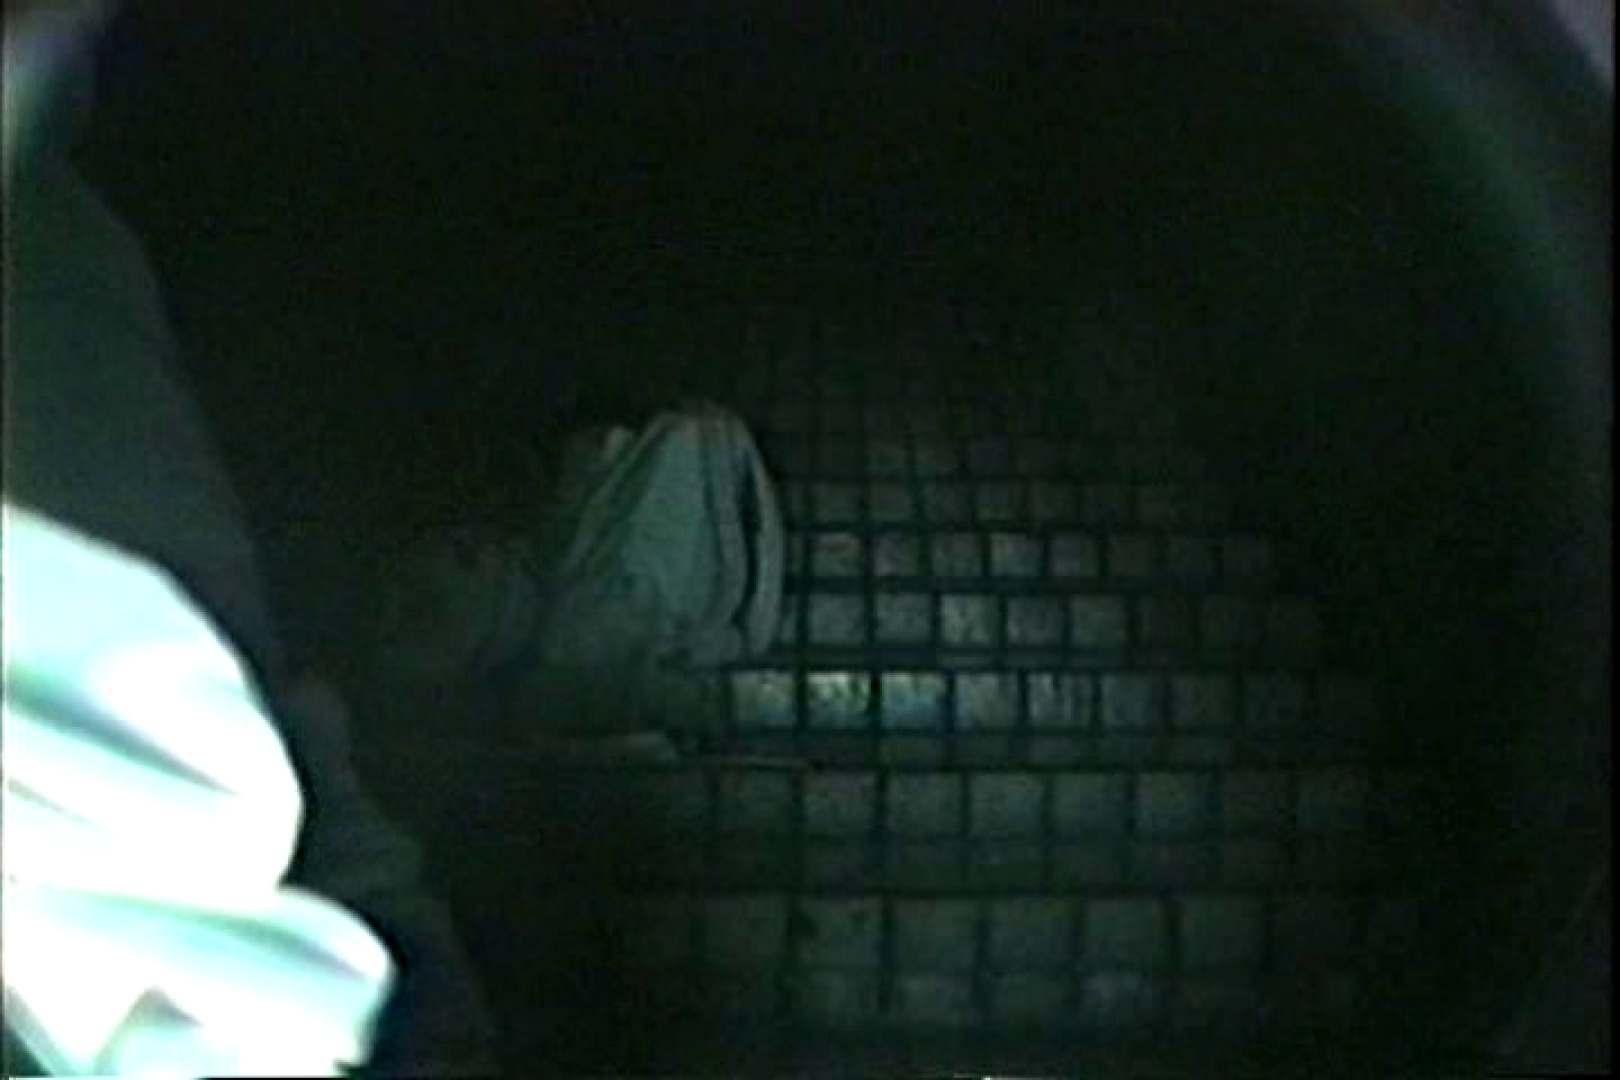 闇の仕掛け人 無修正版 Vol.17 セックス オマンコ動画キャプチャ 75PIX 50